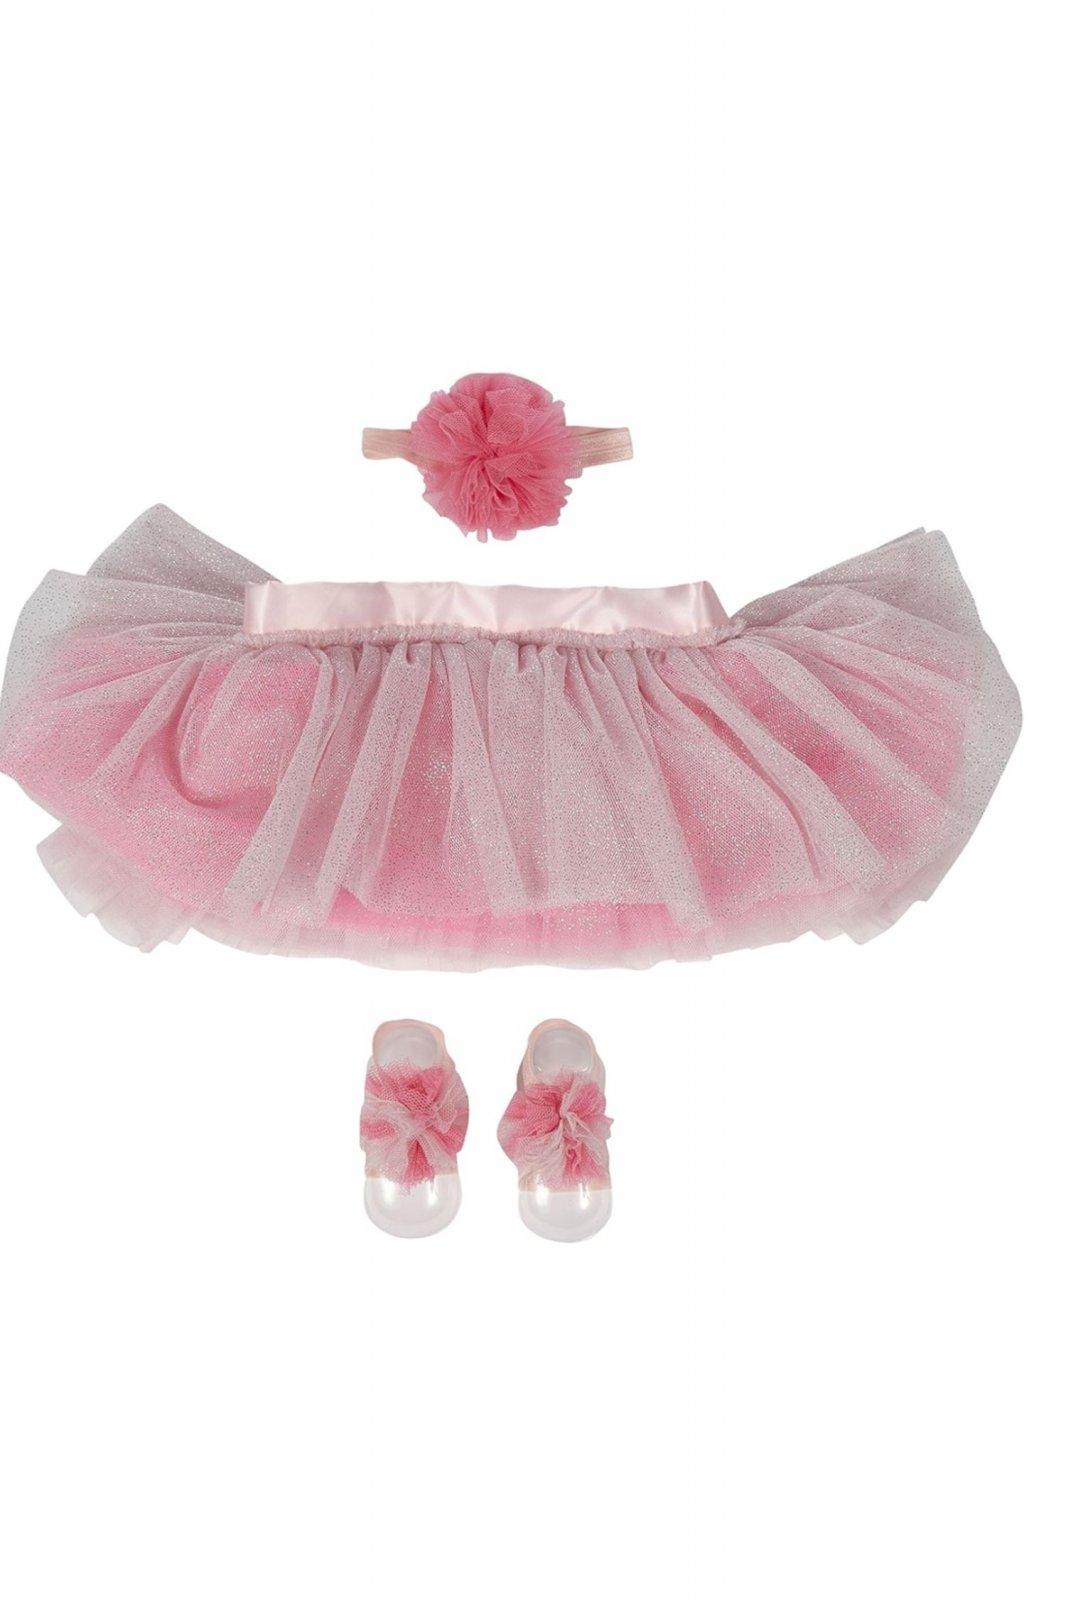 Pretty in Pink TuTu Set